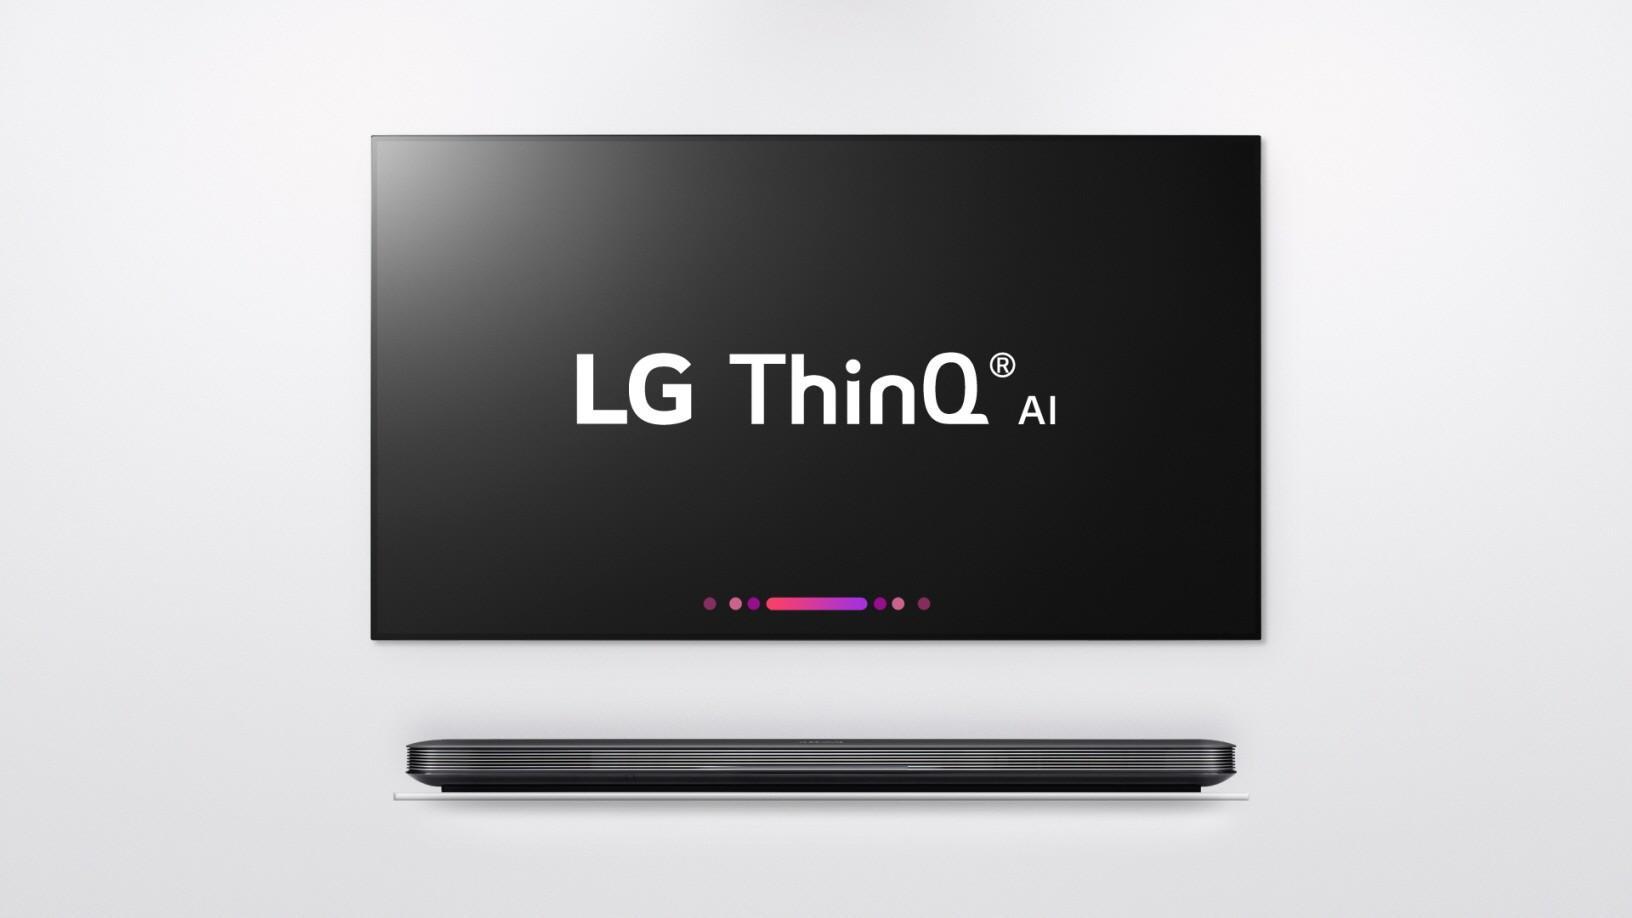 Televisor con LG ThinQ y LG α